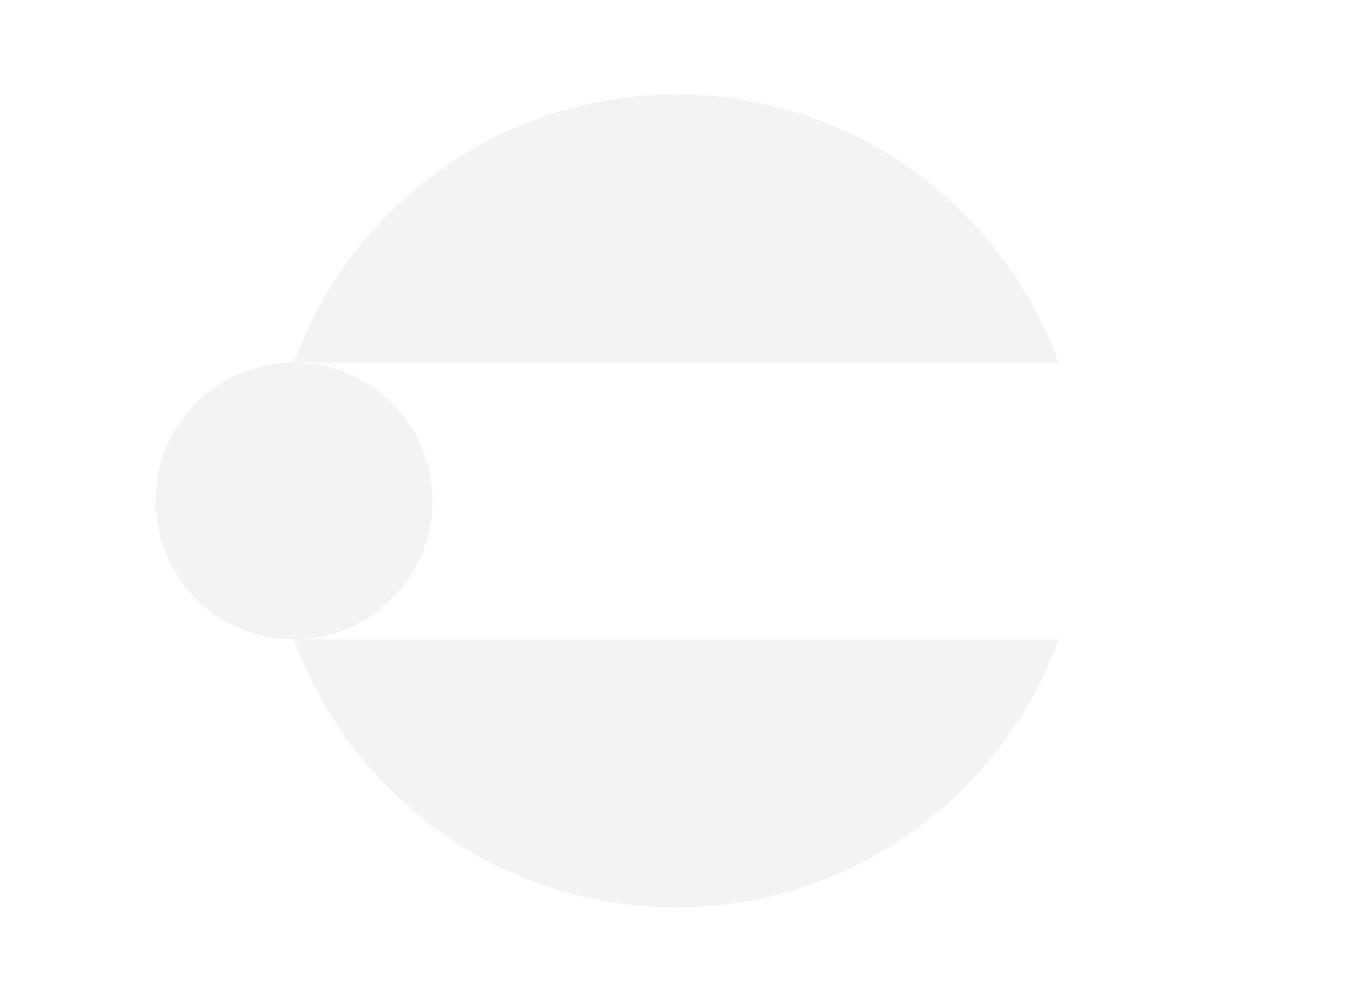 TikTok Clock Divider Multiplier